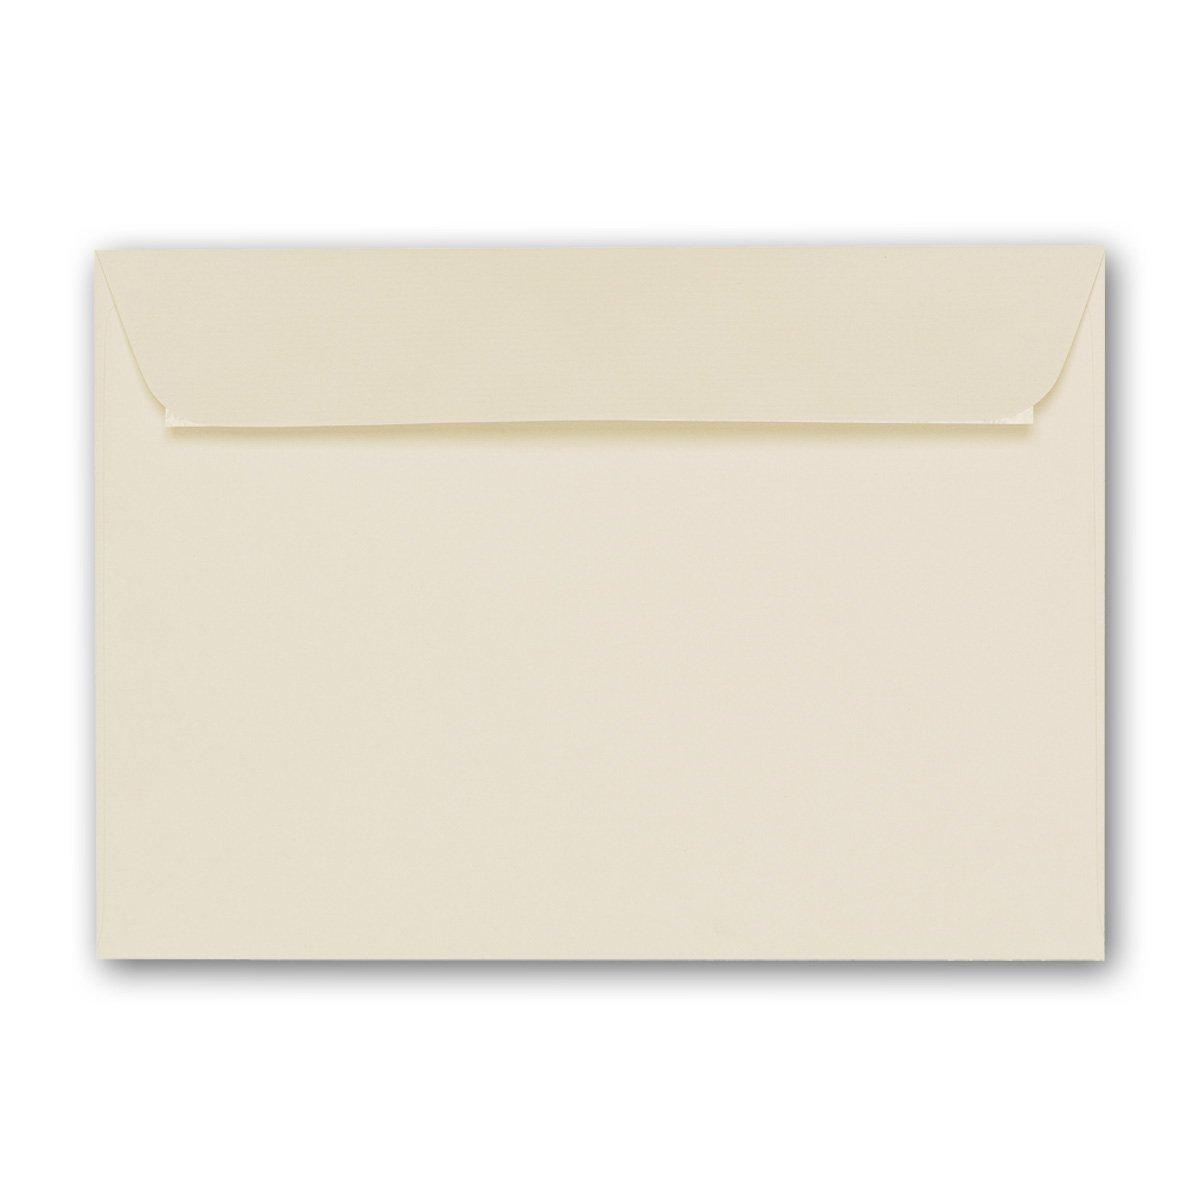 ARTOZ 50x Briefumschl/äge DIN C6 Chamois I Mit Geschenkbox I 16,2 x 11,4 cm Kuvert ohne Fenster I Umschl/äge selbstklebend I Serie Artoz 1001